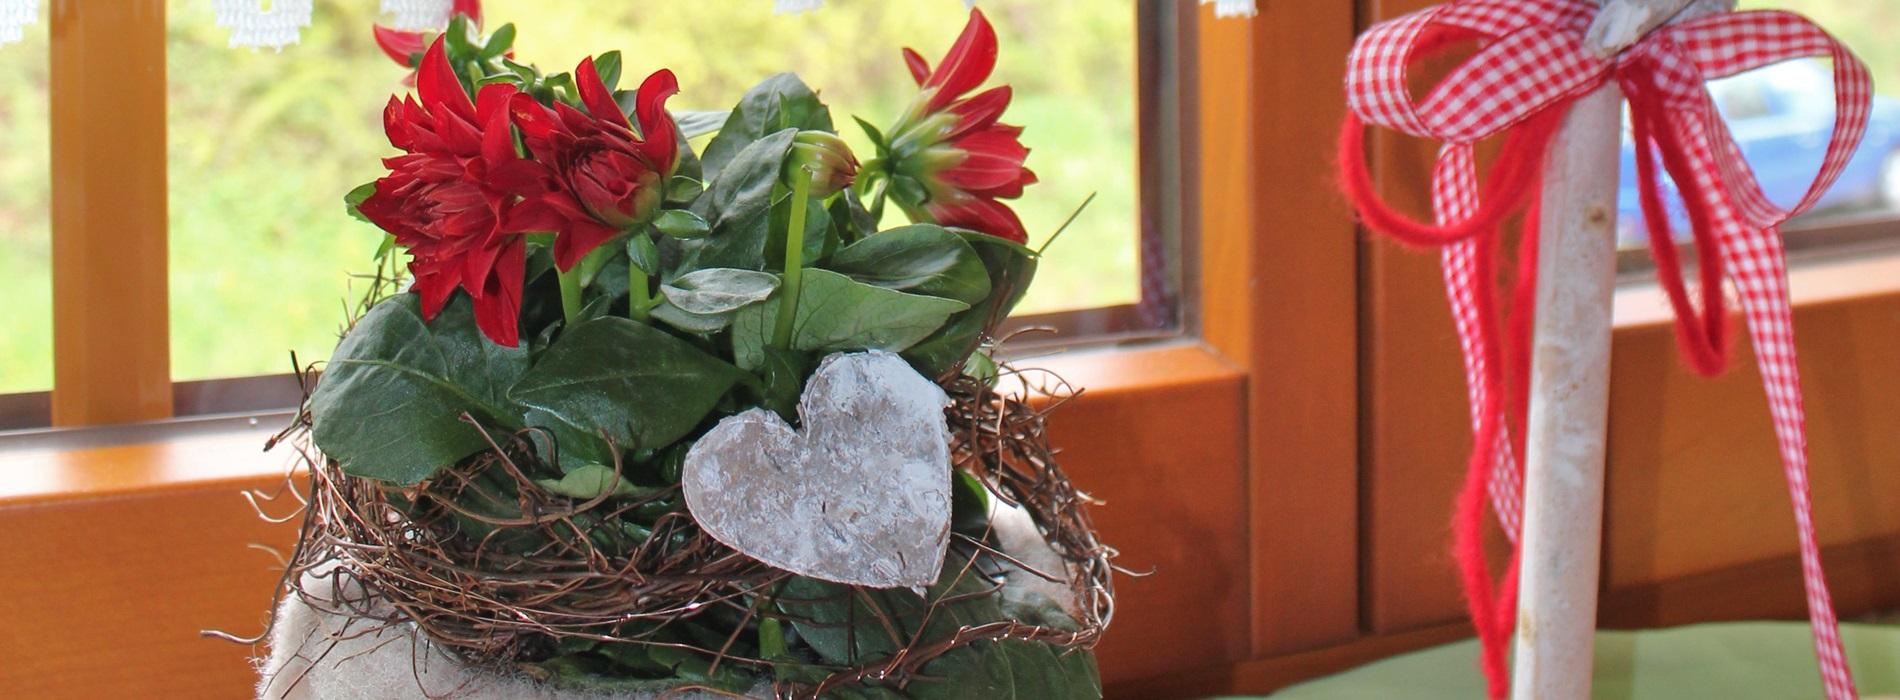 Fensterbank Ferienwohnung Stinneshof